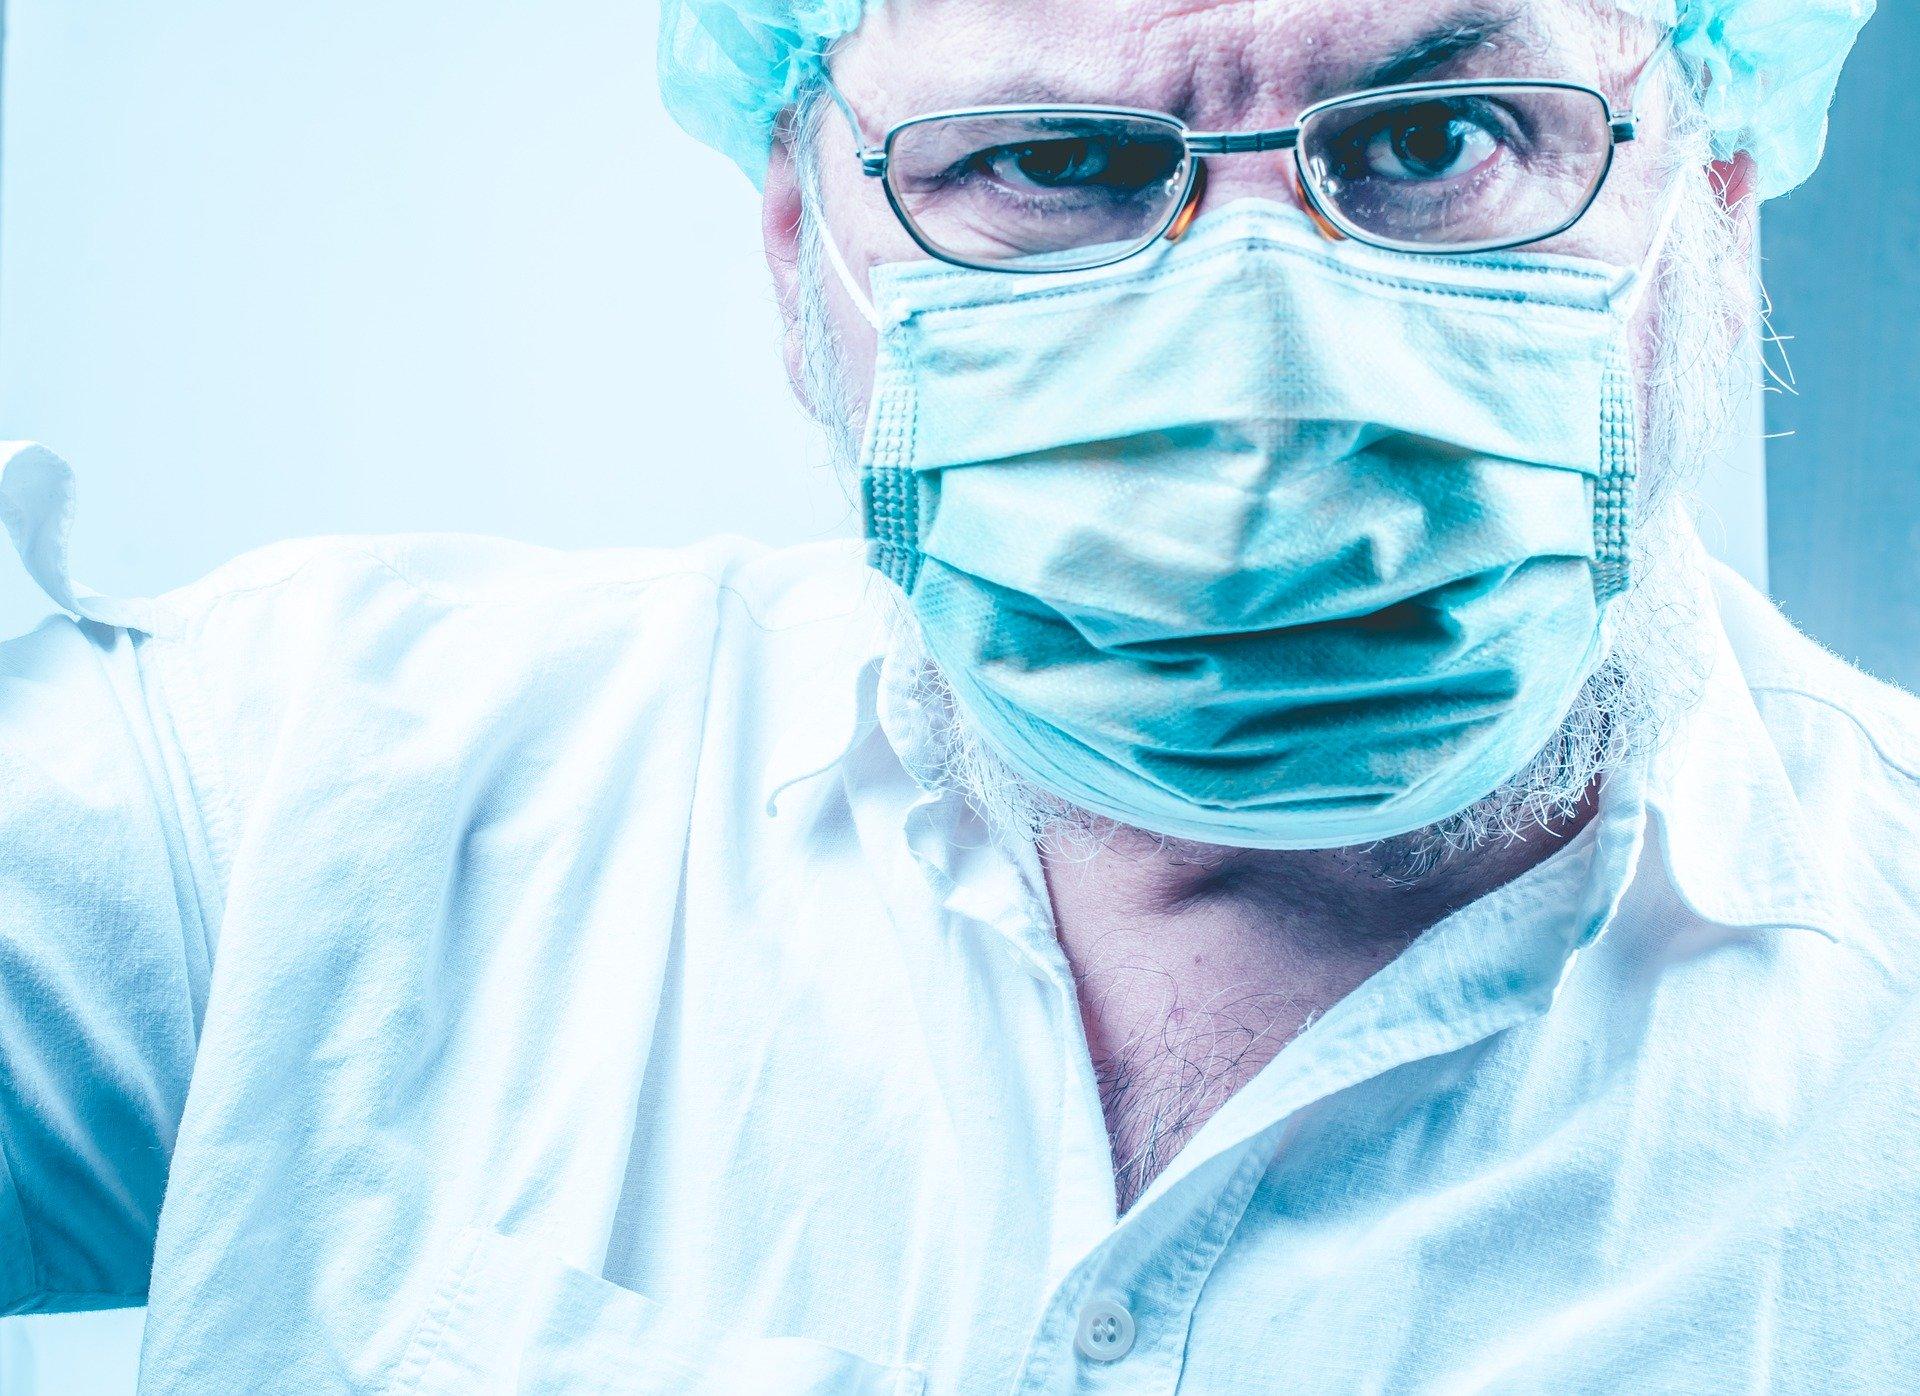 Dr. Jerman je spregovoril o resnici okoli mask, covida-19, cepljenja in vlade